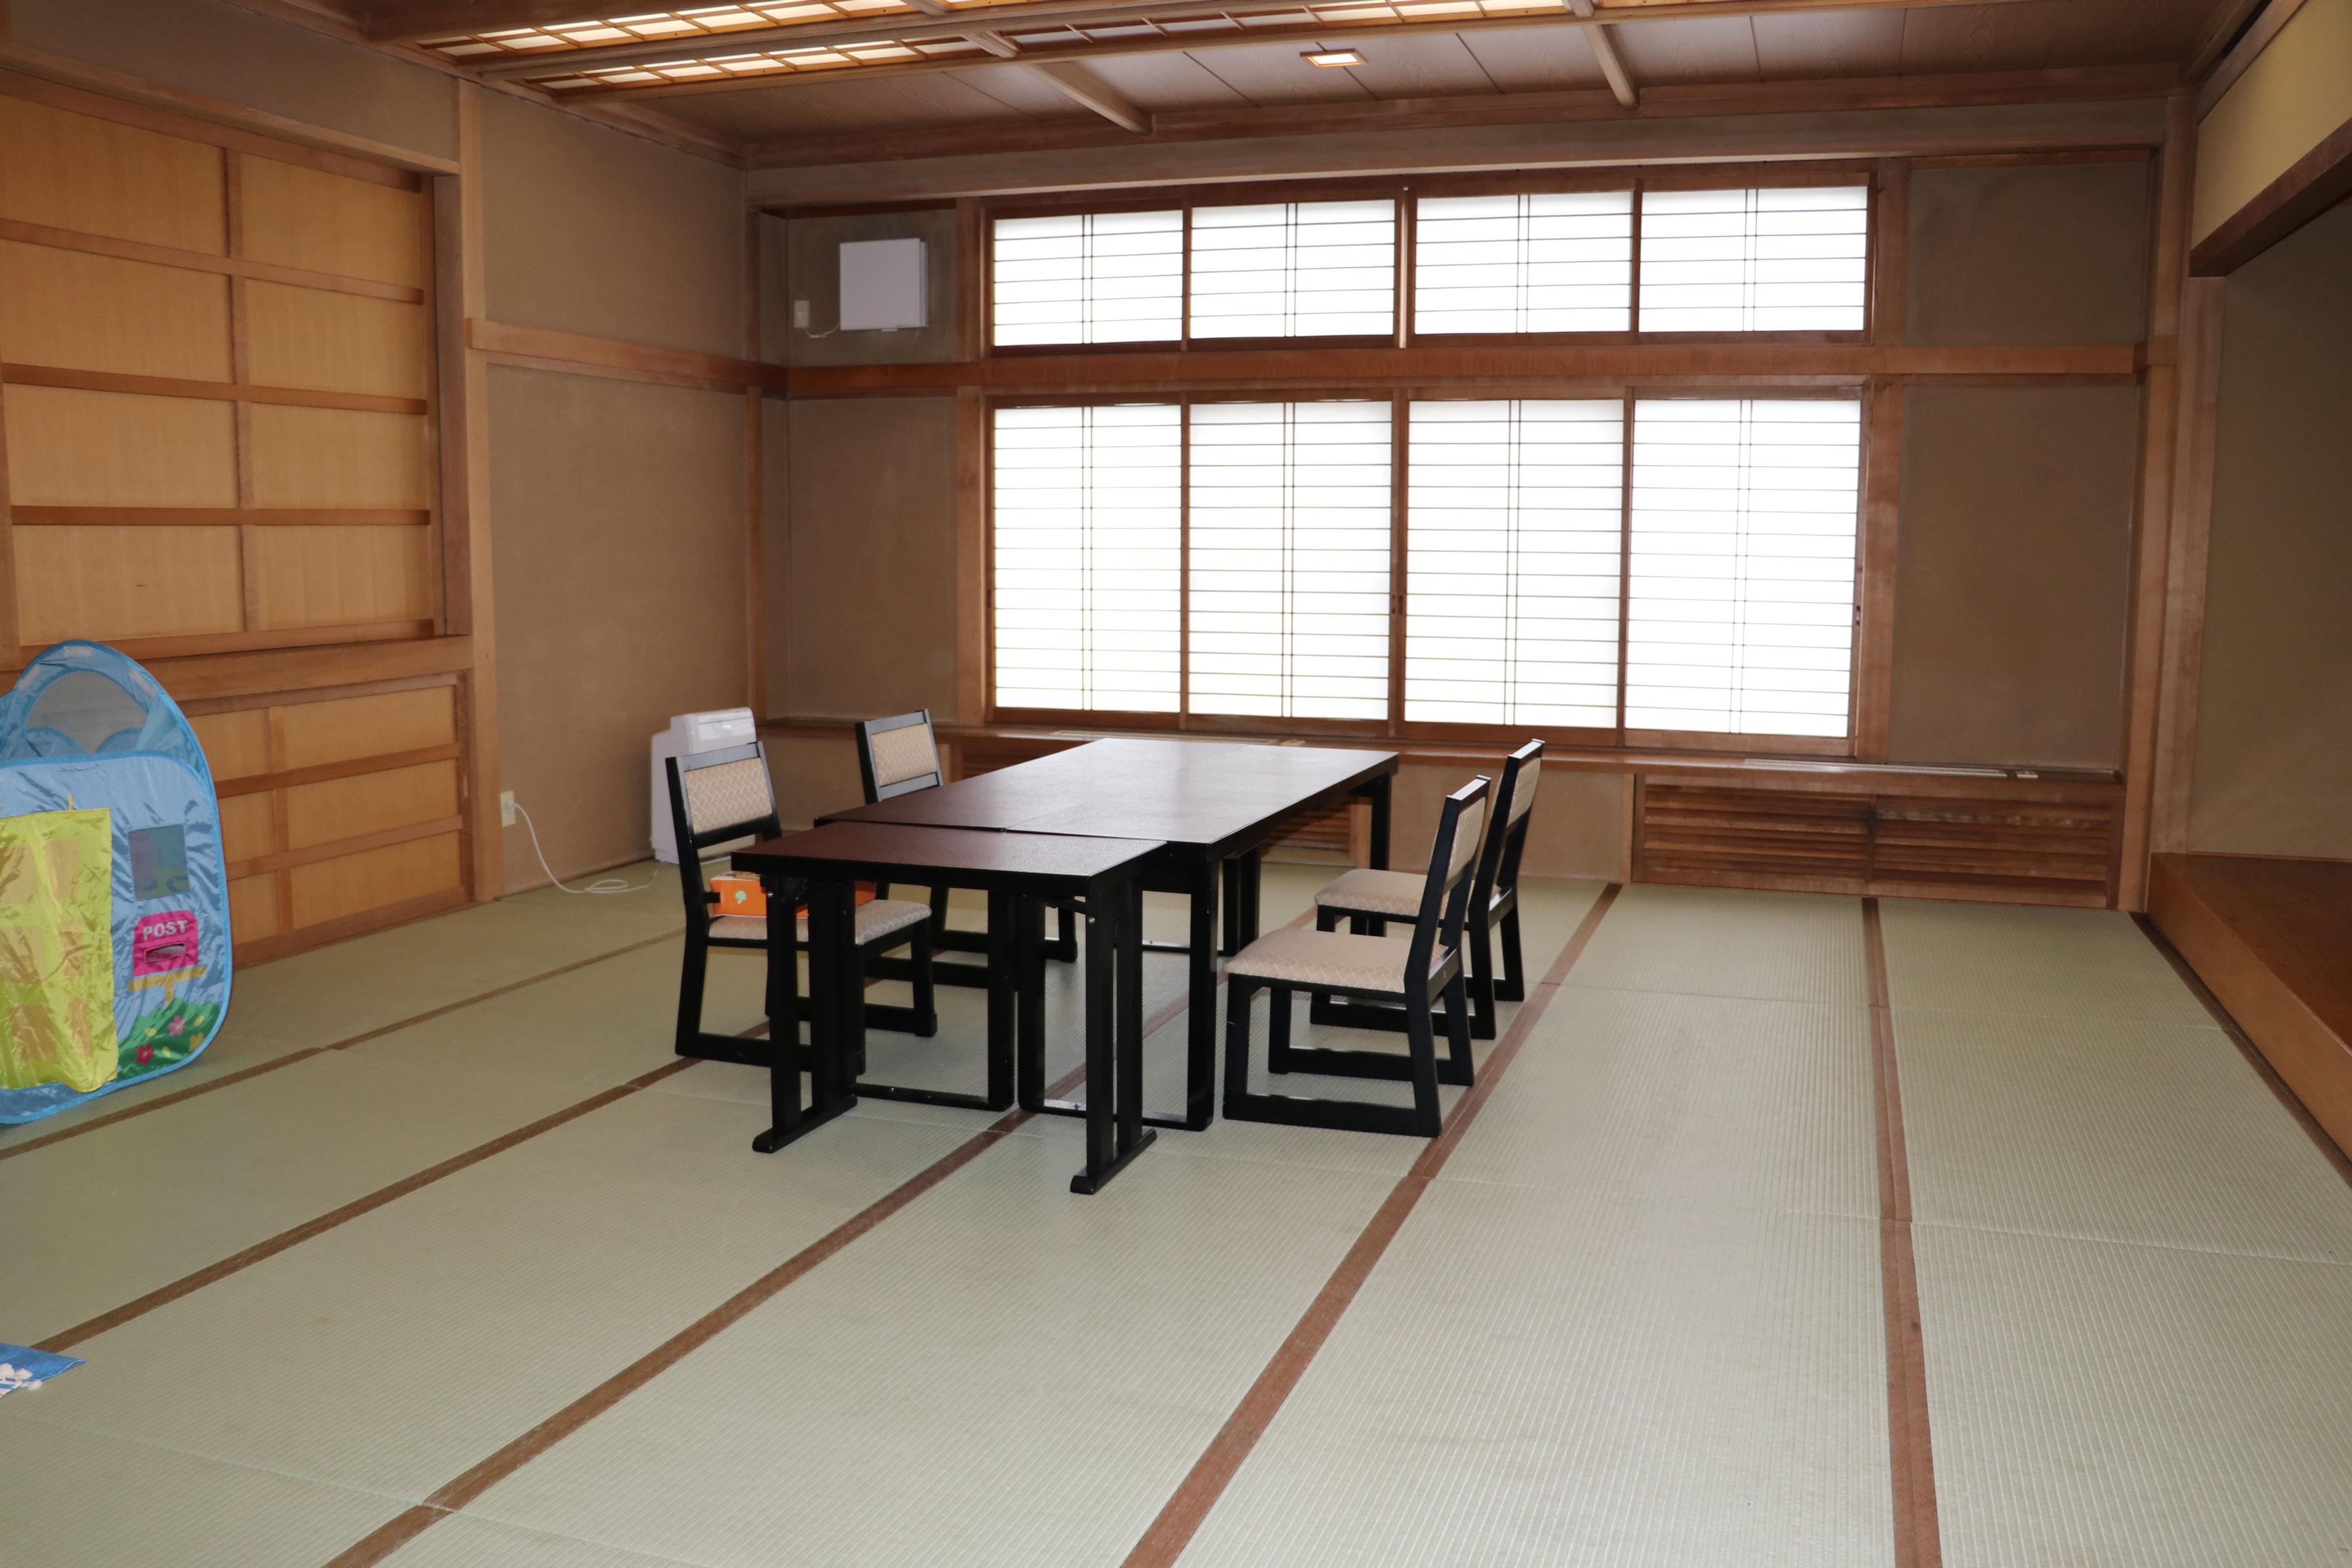 広い畳敷きの広間にテーブル席を設置。料理の提供は12時からですが、部屋は11時から利用でき、ゆっくりと楽しめます